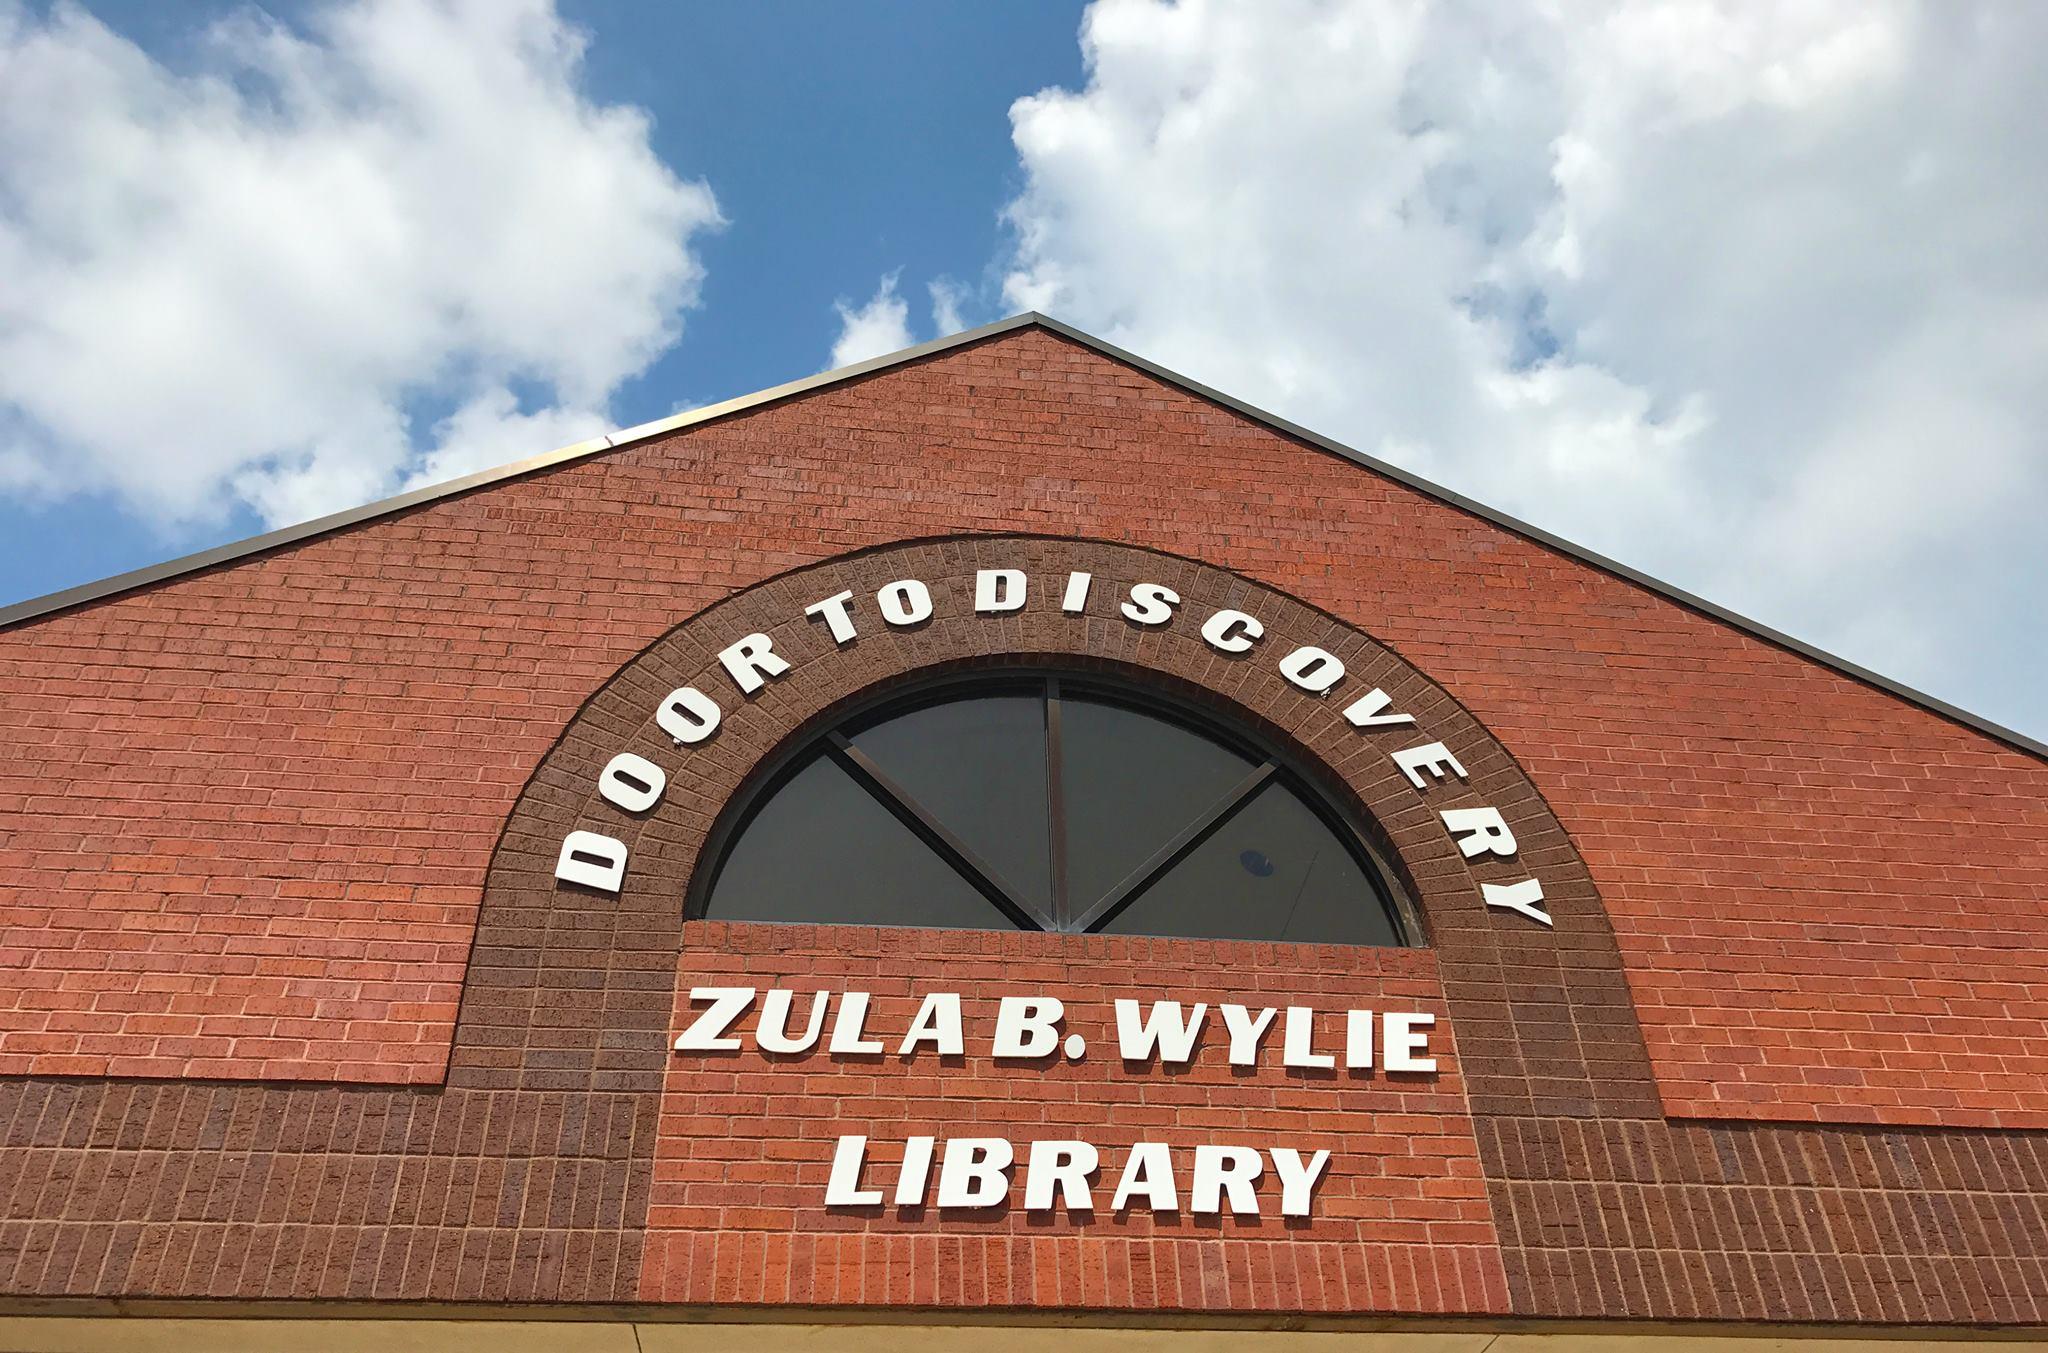 Zula B. Wylie Public Library in Cedar Hill Re-Opens